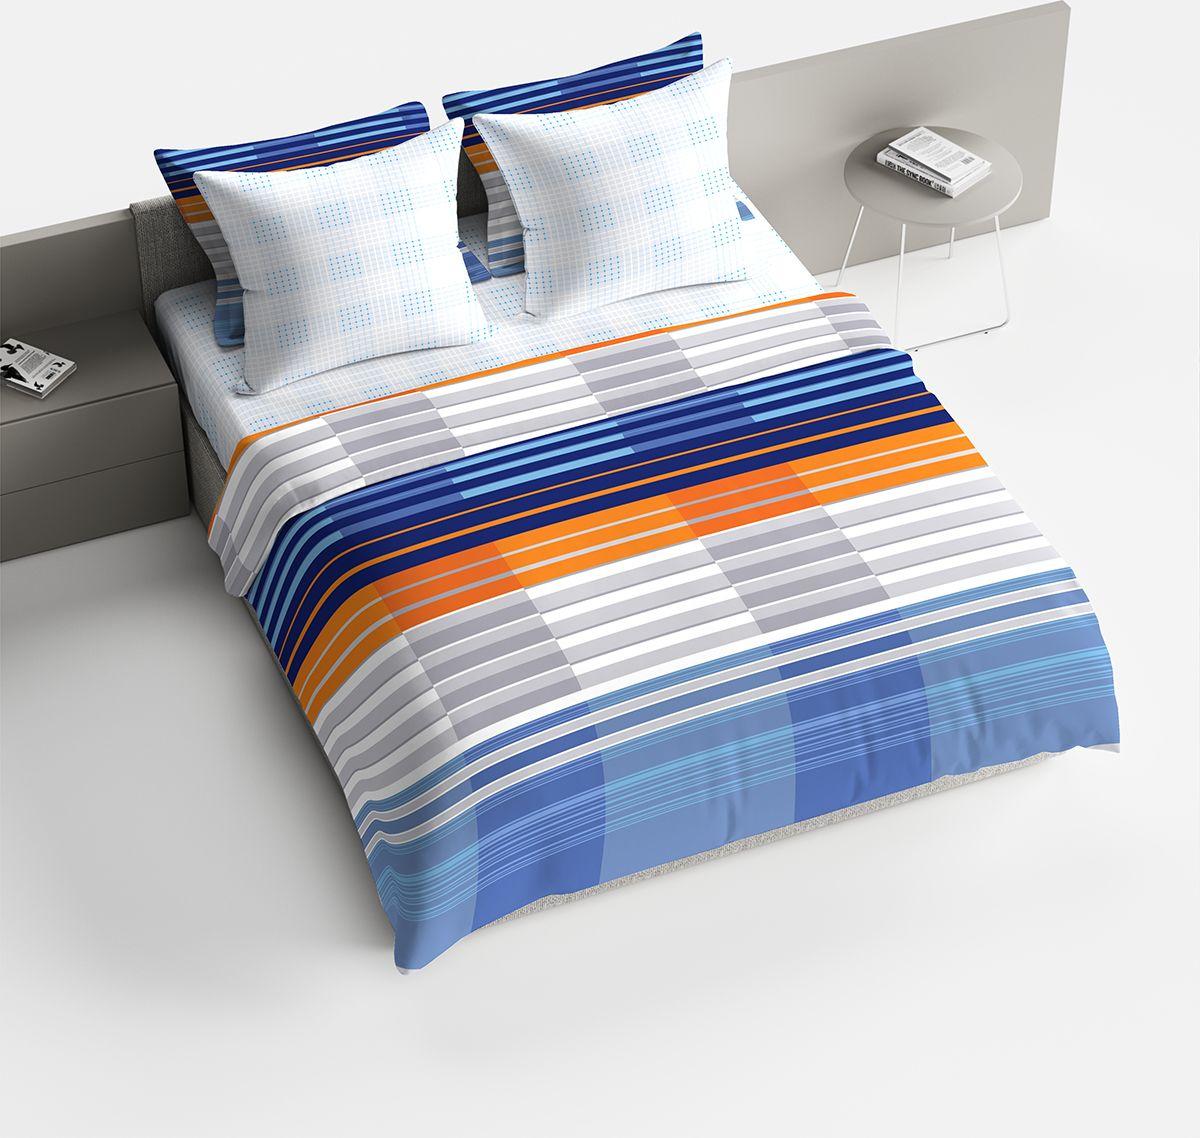 Комплект белья Браво Марино, 1,5-спальное, наволочки 70x70, цвет: синий91923Комплекты постельного белья из ткани LUX COTTON (высококачественный поплин), сотканной из длинноволокнистого египетского хлопка, созданы специально для людей с оригинальным вкусом, предпочитающим современные решения в интерьере. Обновленная стильная упаковка делает этот комплект отличным подарком. • Равноплотная ткань из 100% хлопка; • Обработана по технологии мерсеризации и санфоризации; • Мягкая и нежная на ощупь; • Устойчива к трению; • Обладает высокими показателями гигроскопичности (впитывает влагу); • Выдерживает частые стирки, сохраняя первоначальные цвет, форму и размеры; • Безопасные красители ведущего немецкого производителя BEZEMA